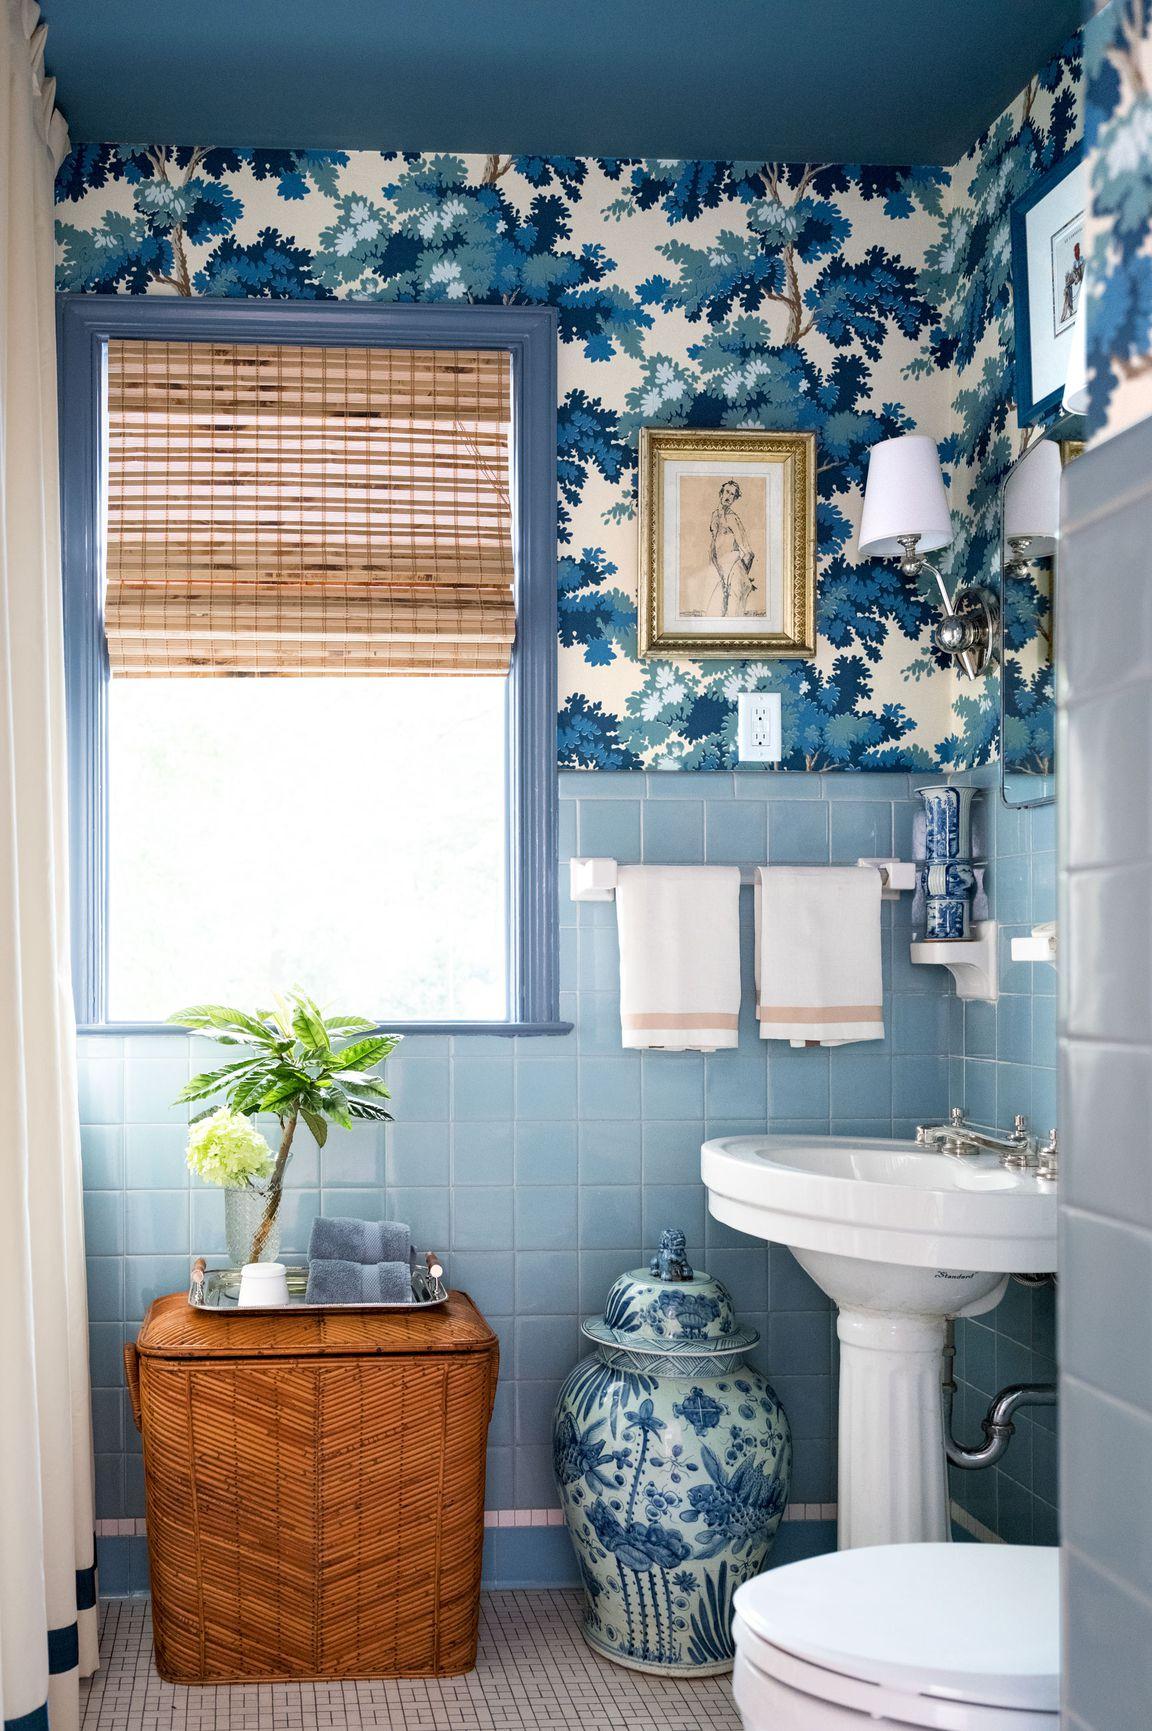 Những ý tưởng phòng tắm tuyệt vời khiến cho bạn không bao giờ muốn rời khỏi đây - Ảnh 16.